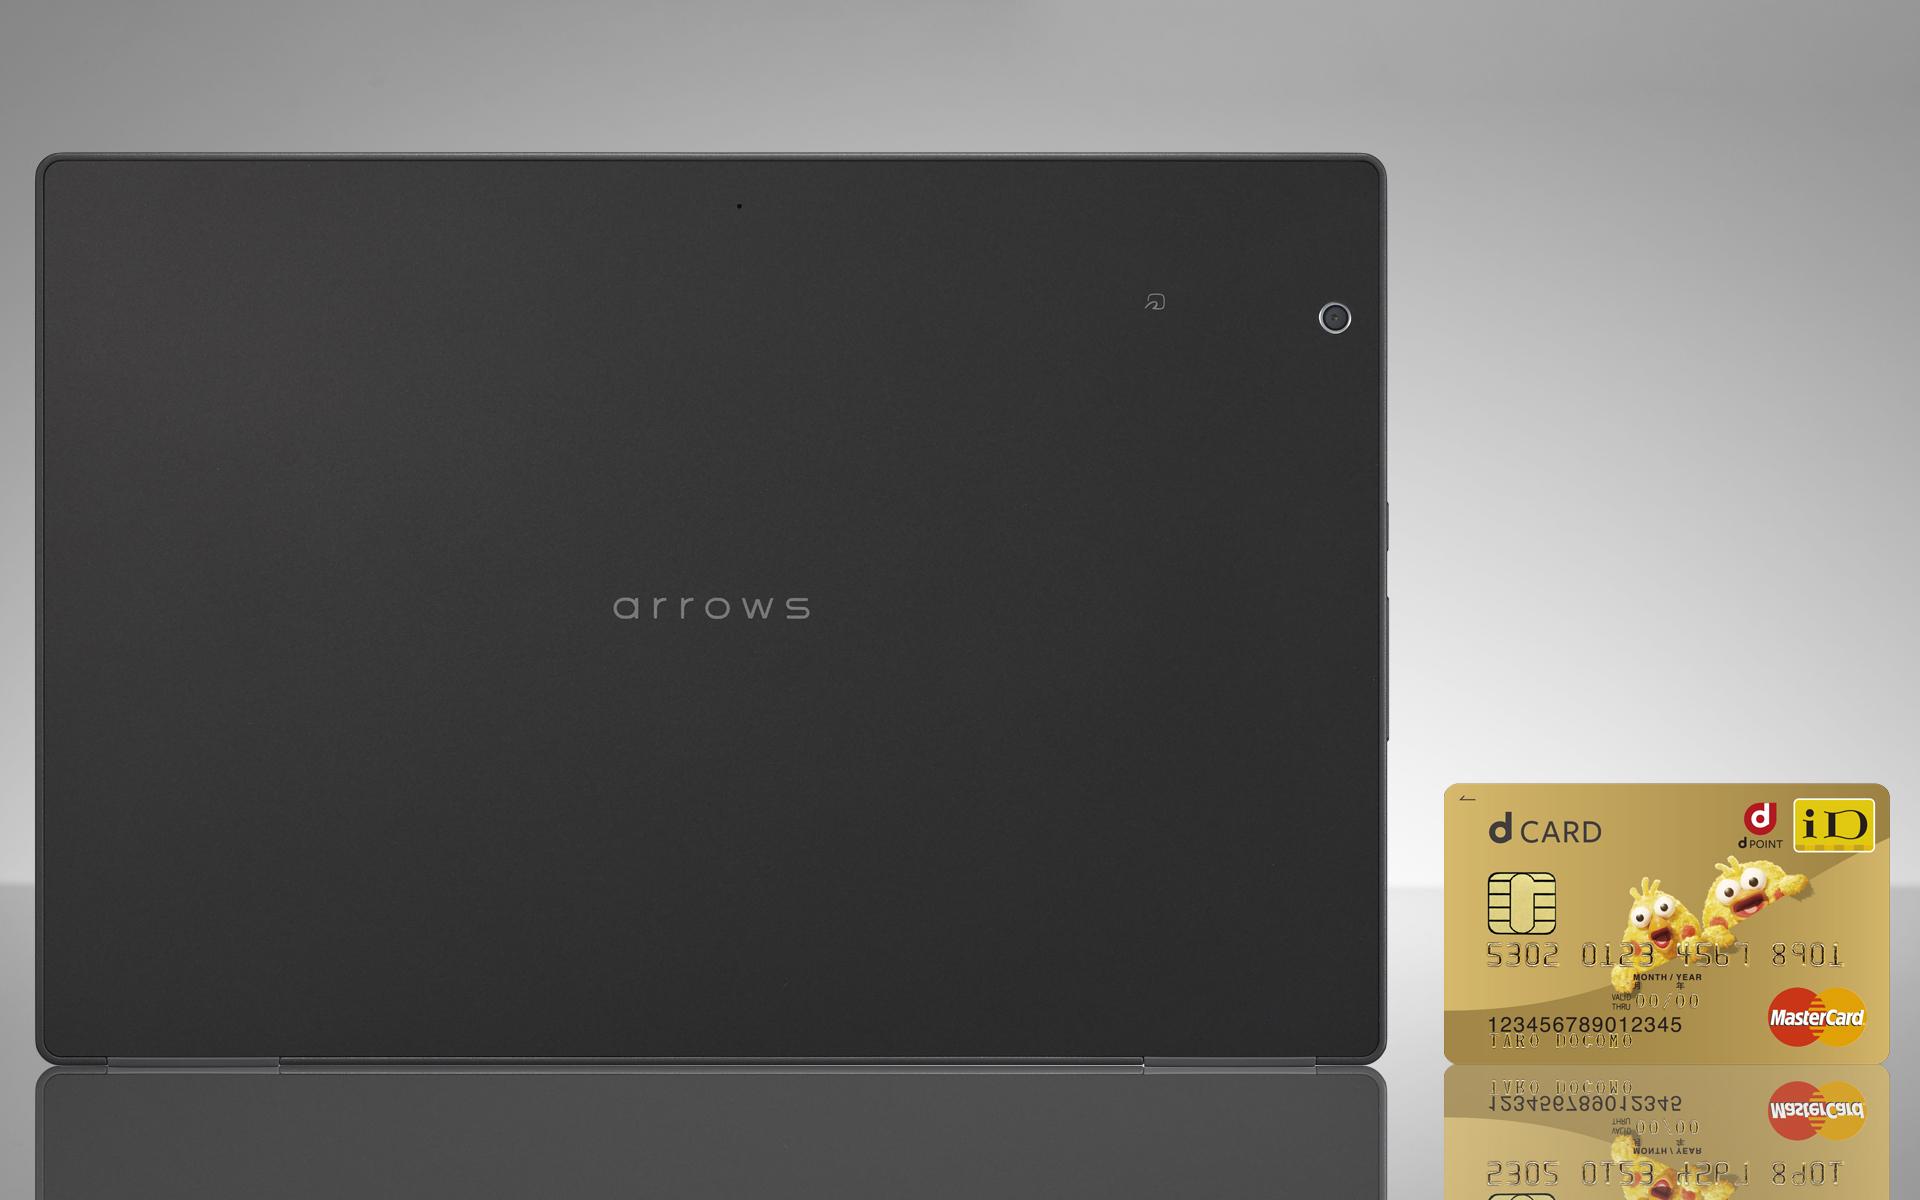 「arrows Tab F-02K」の大きさをクレジットカードと比較している画像